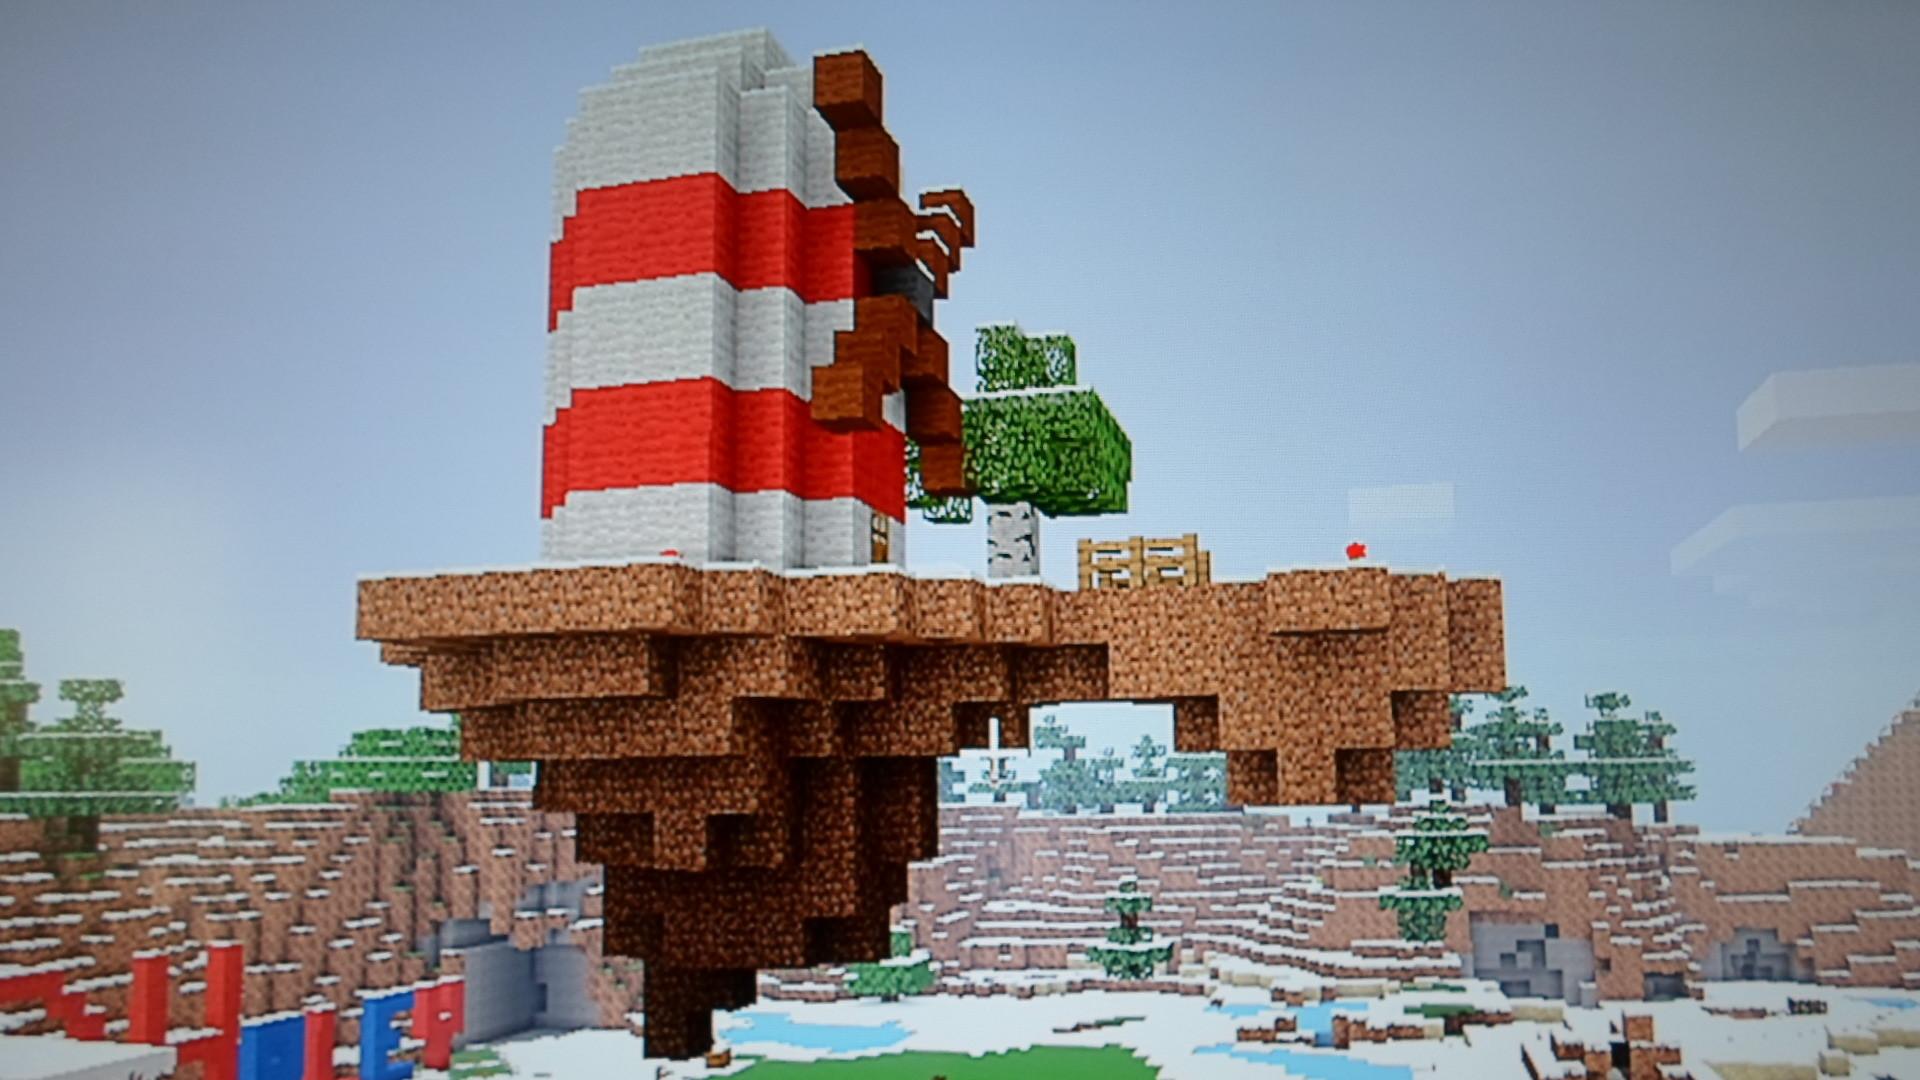 Beautiful Wallpaper Minecraft Beach - 832154-gorillaz-wallpaper-plastic-beach-1920x1080-for-desktop  Snapshot_651046.jpg